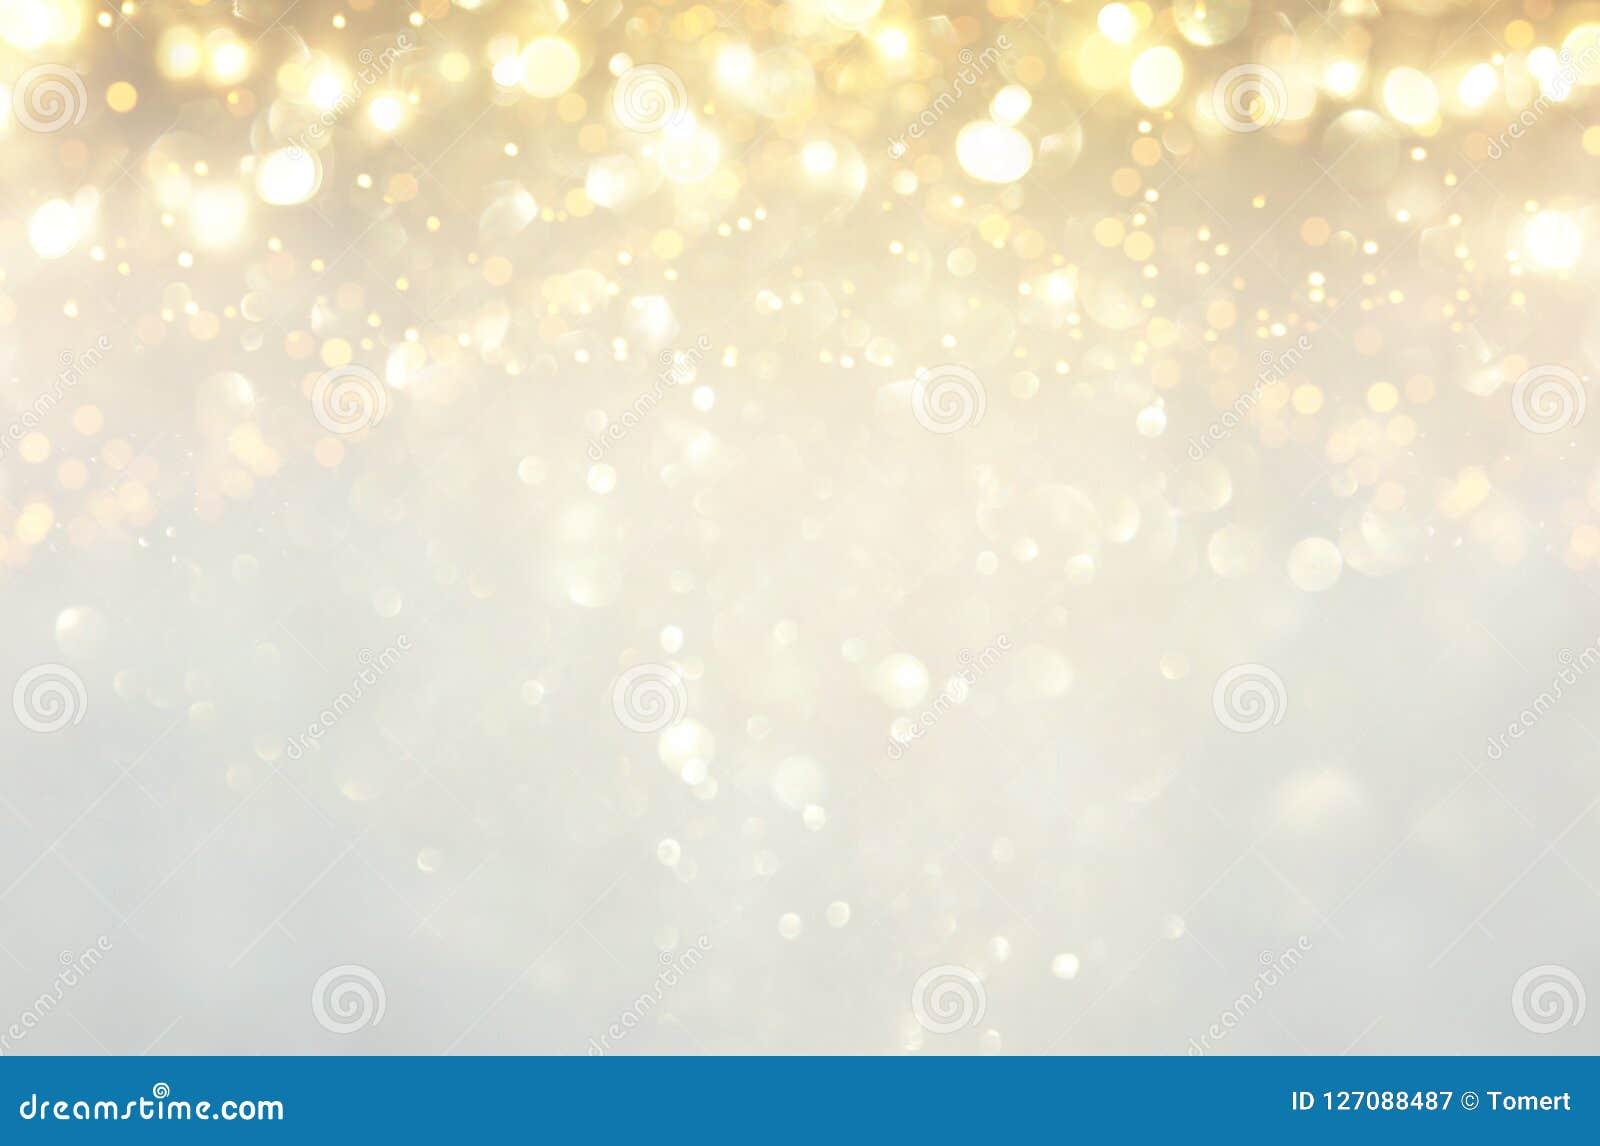 闪烁葡萄酒点燃背景 银、金子和白色 非聚焦